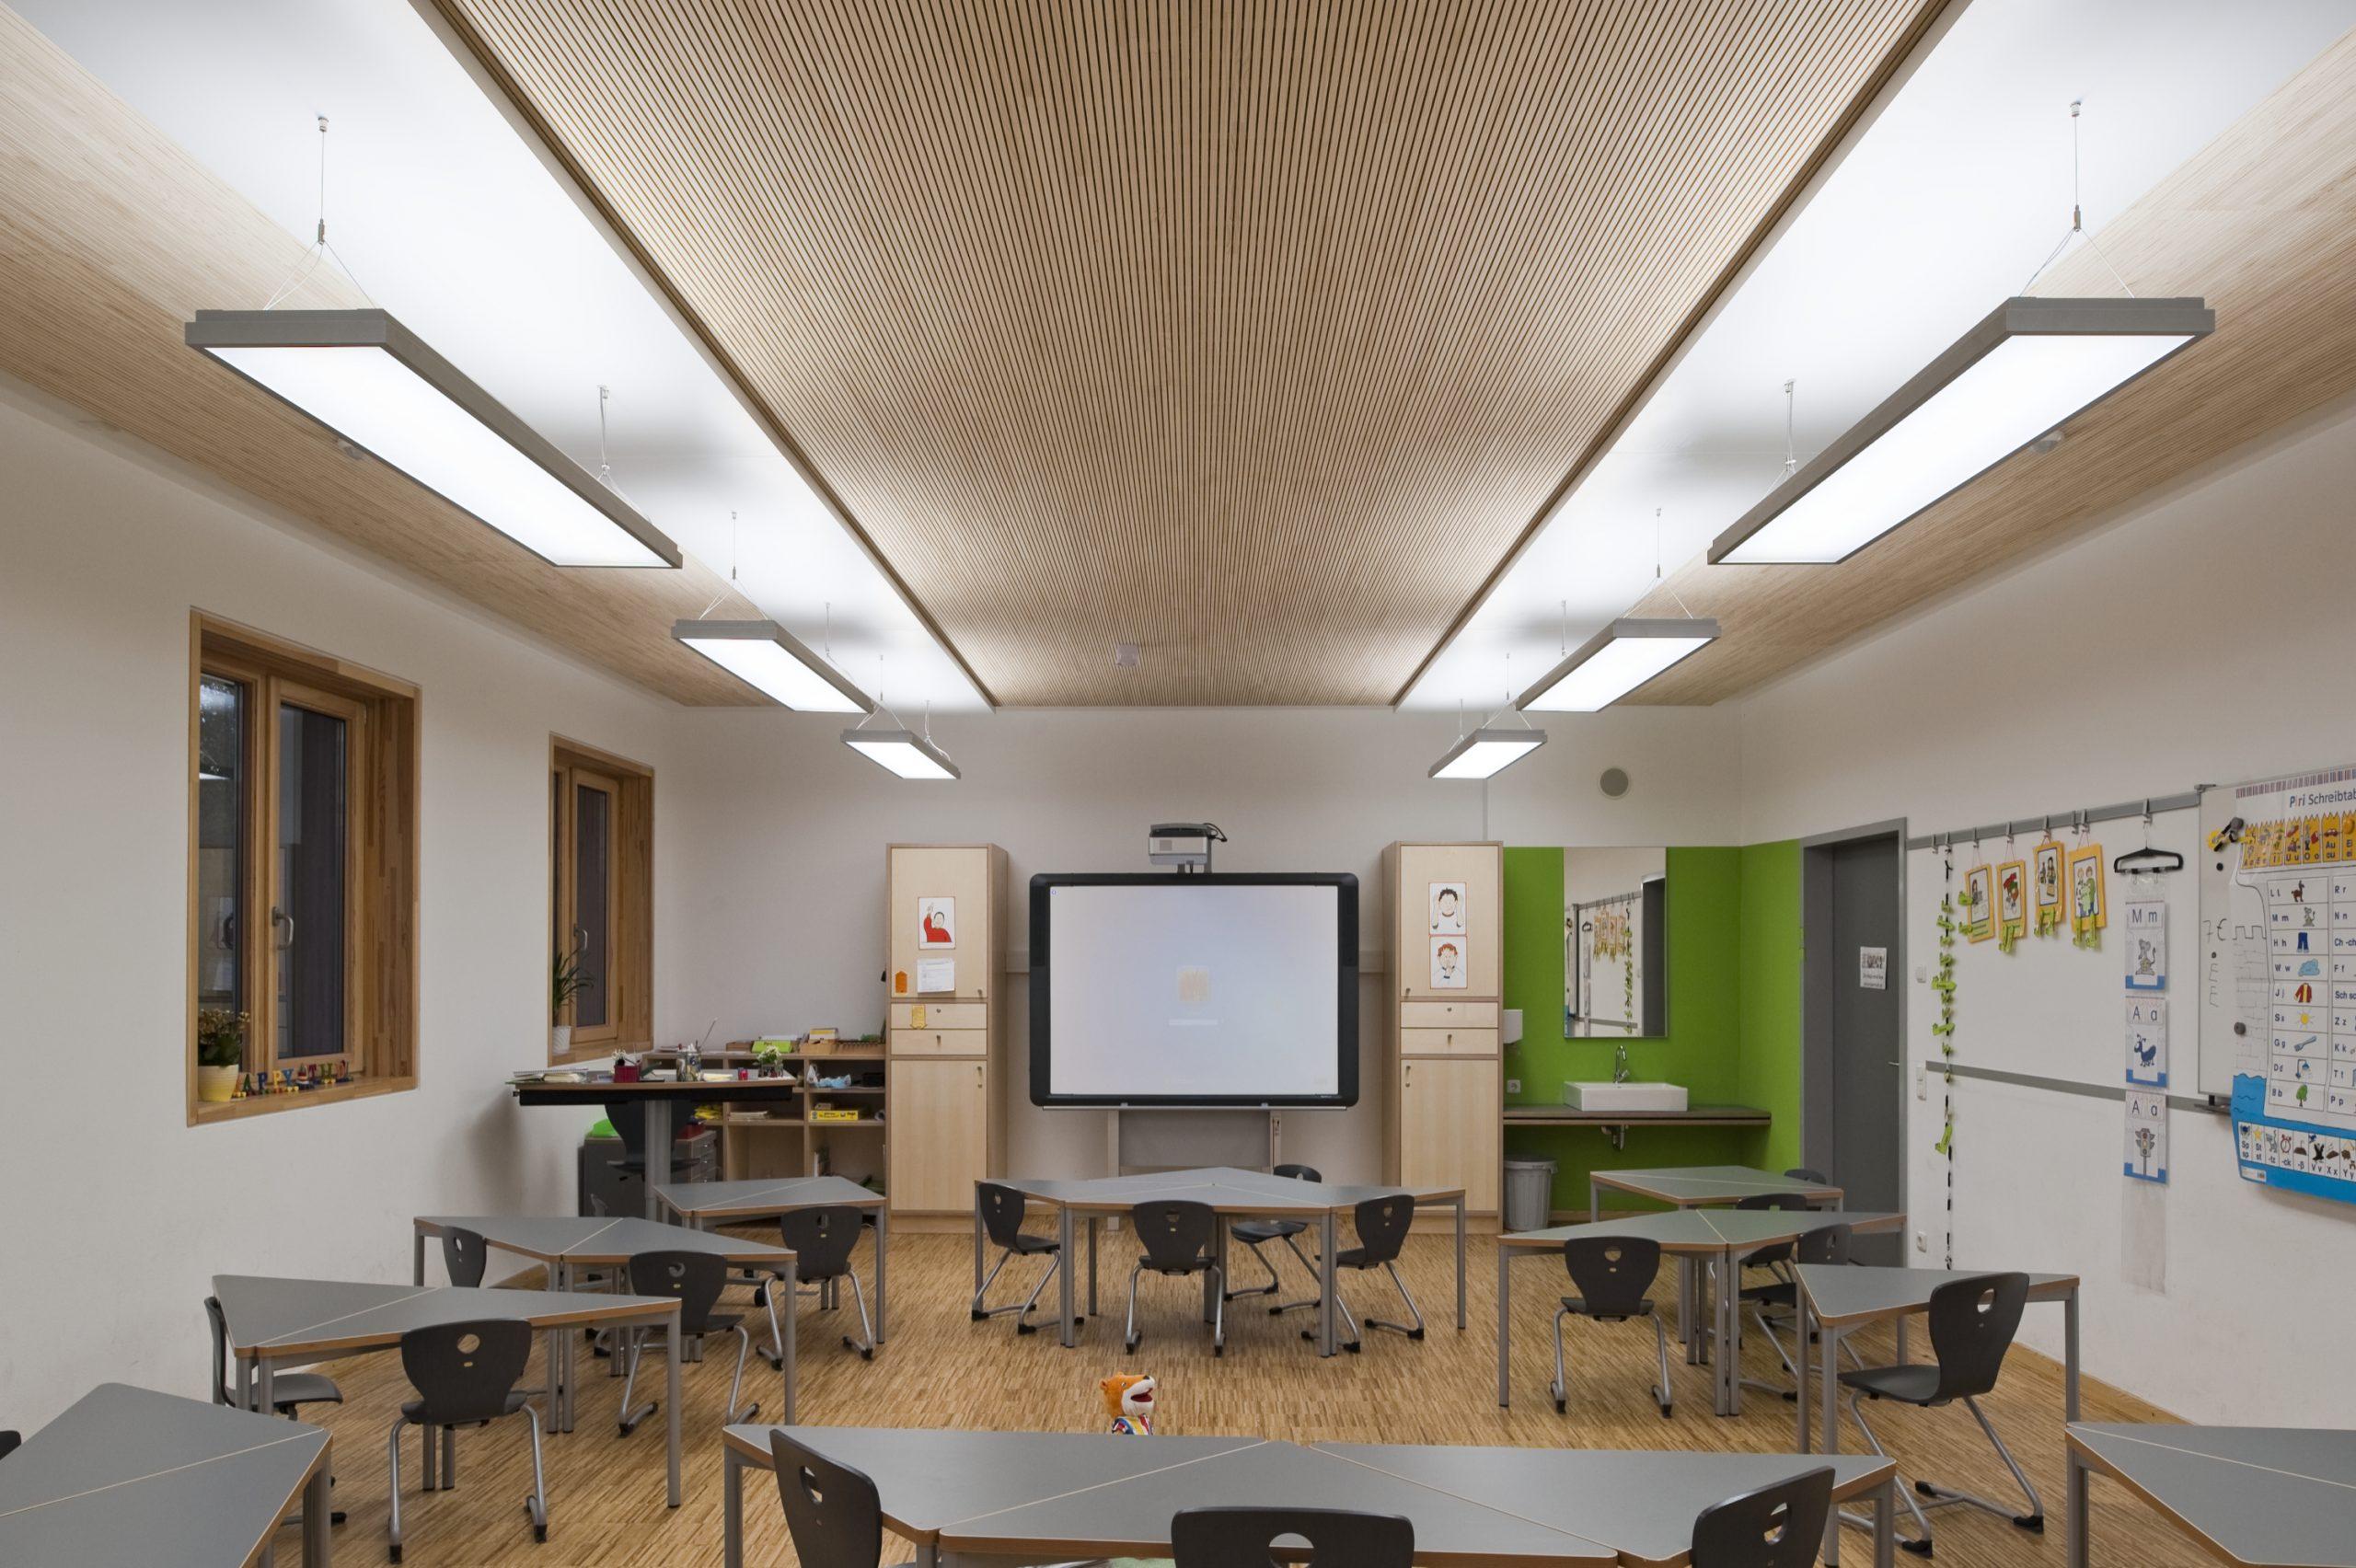 Klassenzimmer Whiteboard Akustik